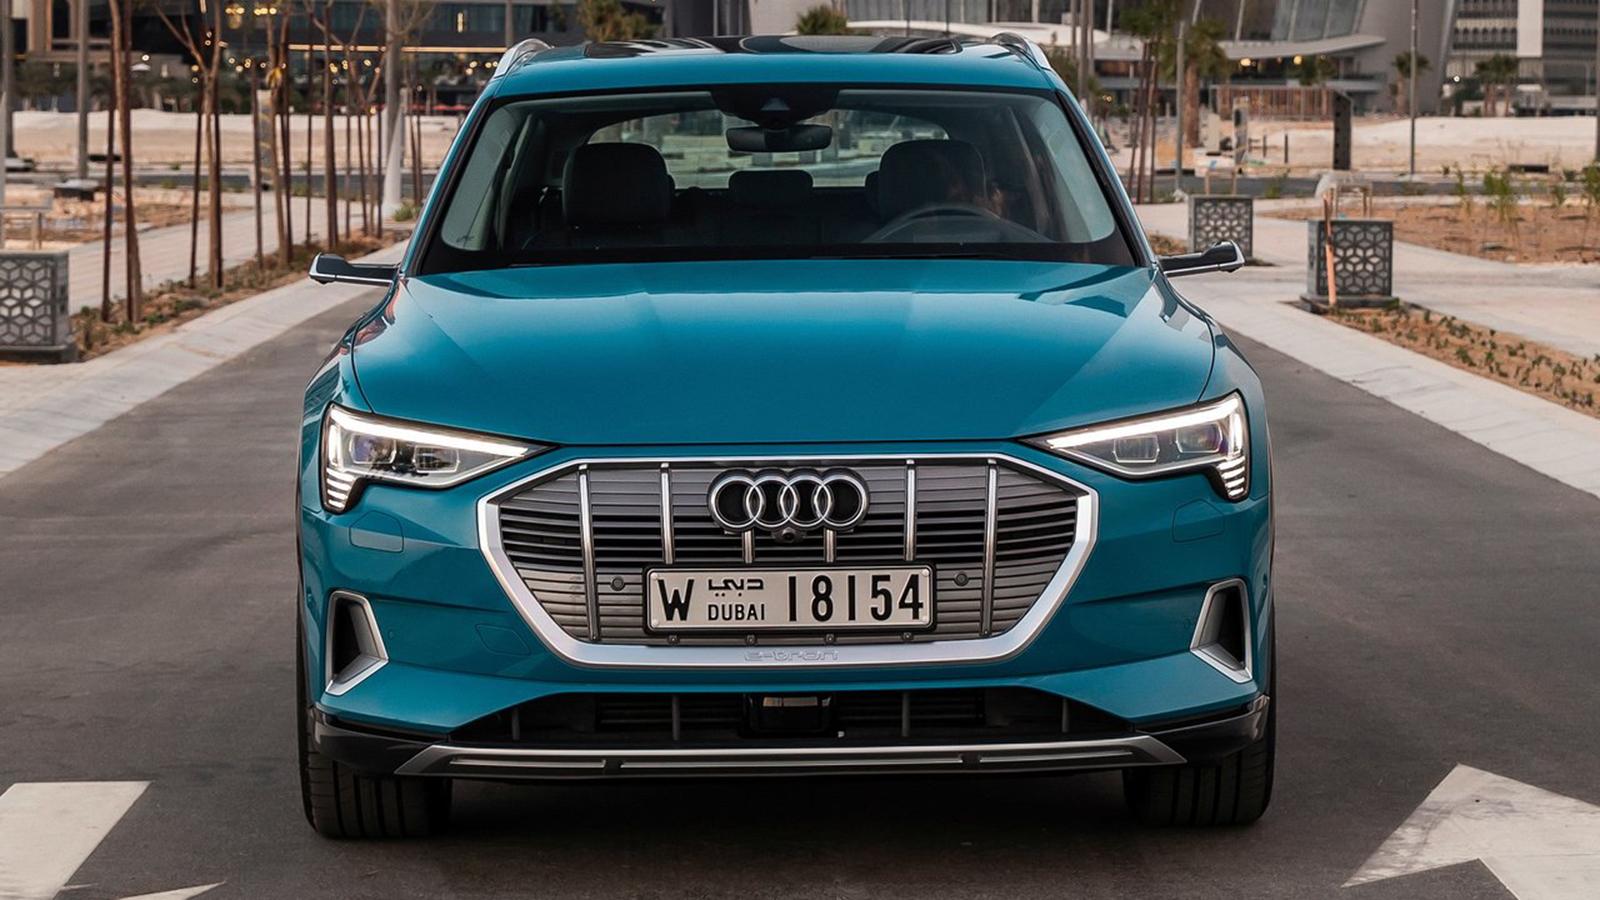 Убедени сме, че Audi са натоварили първия си сериен електромобил със задачата да демонстрира на света, че компанията е готова за електрическото бъдеще, което предстои пред автомобилната промишленост.